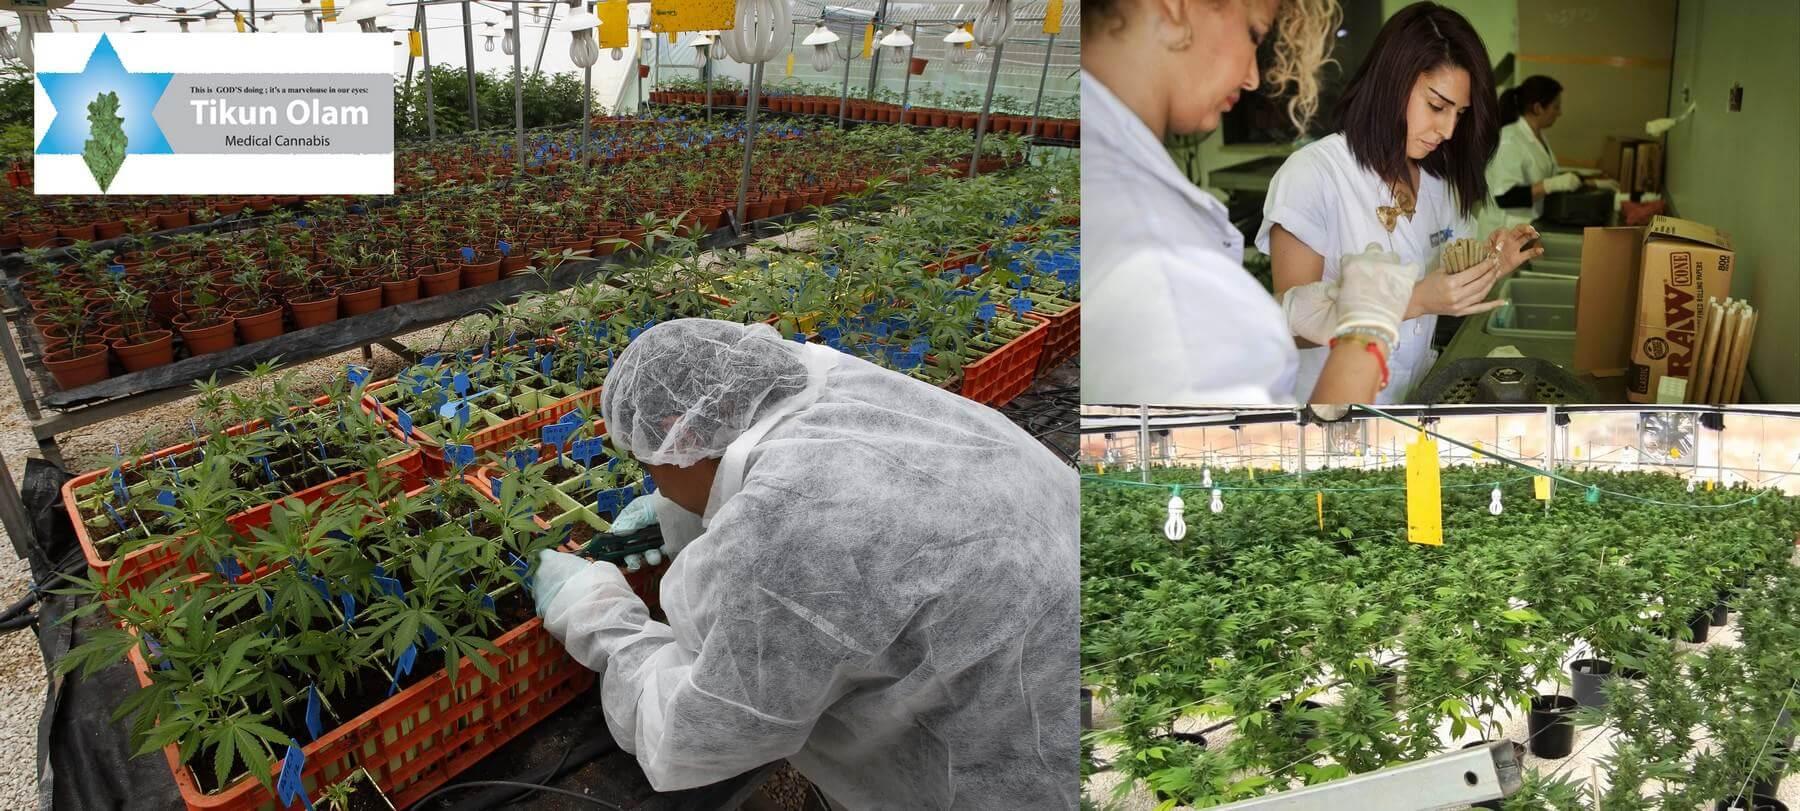 Actualités du cannabis médical, Décembre 2014